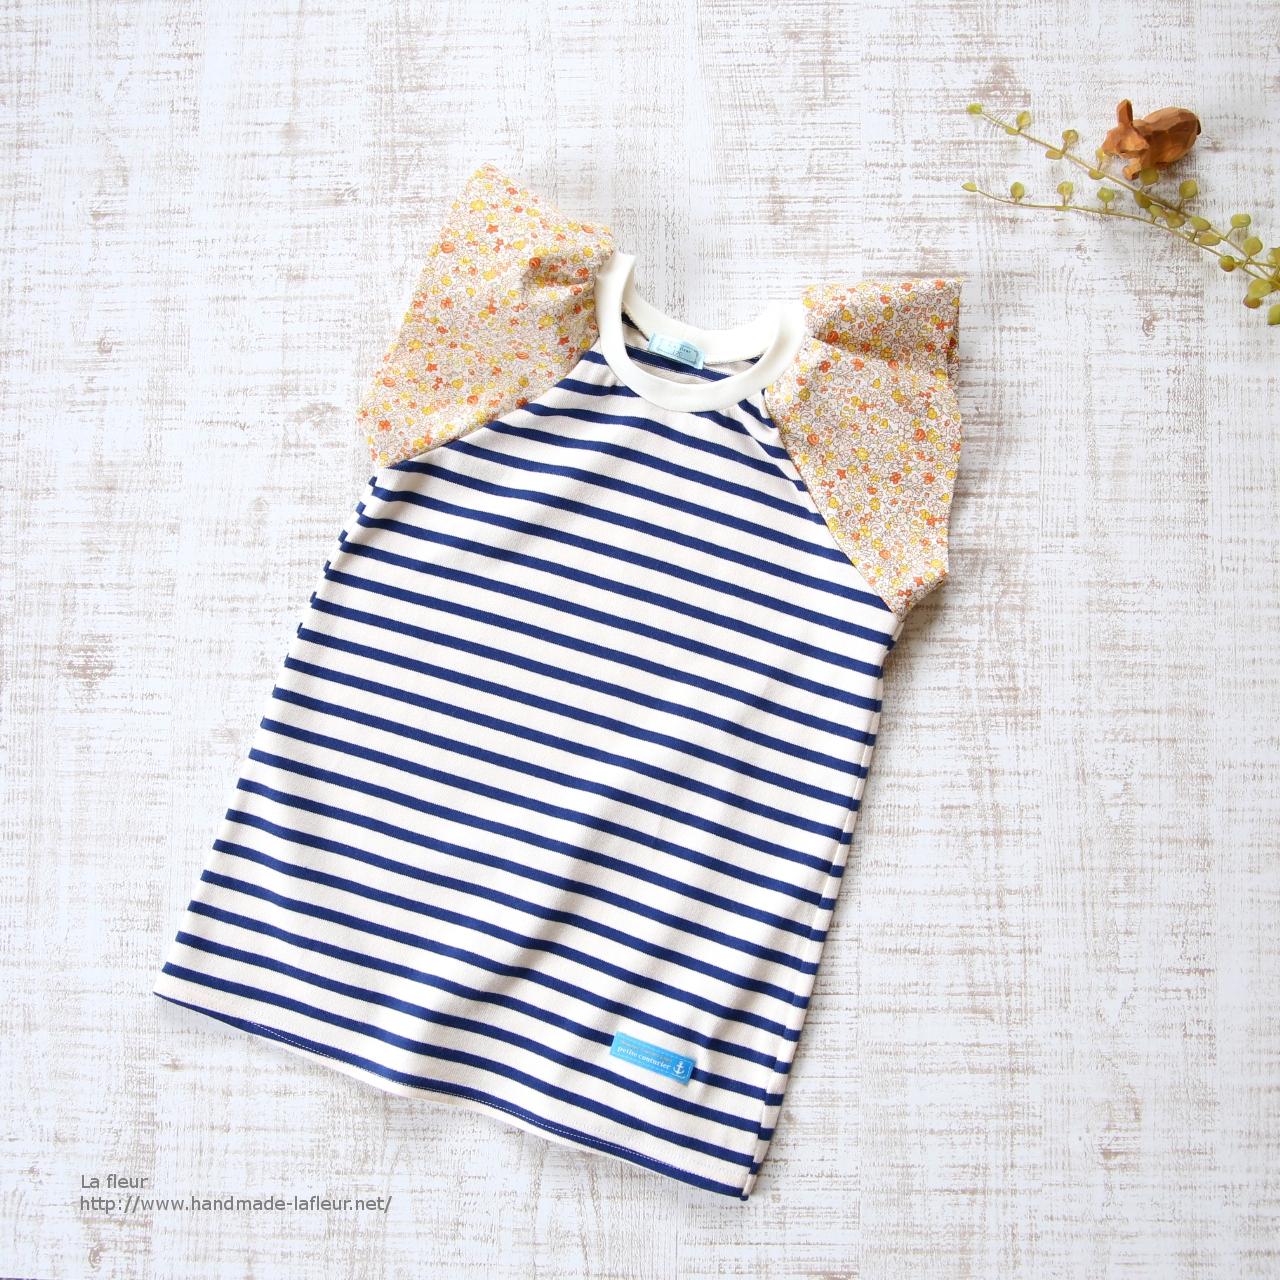 【120】ラップルカットソー*Tシャツ 紺白ボーダー×イエロー小花柄/Lafleur